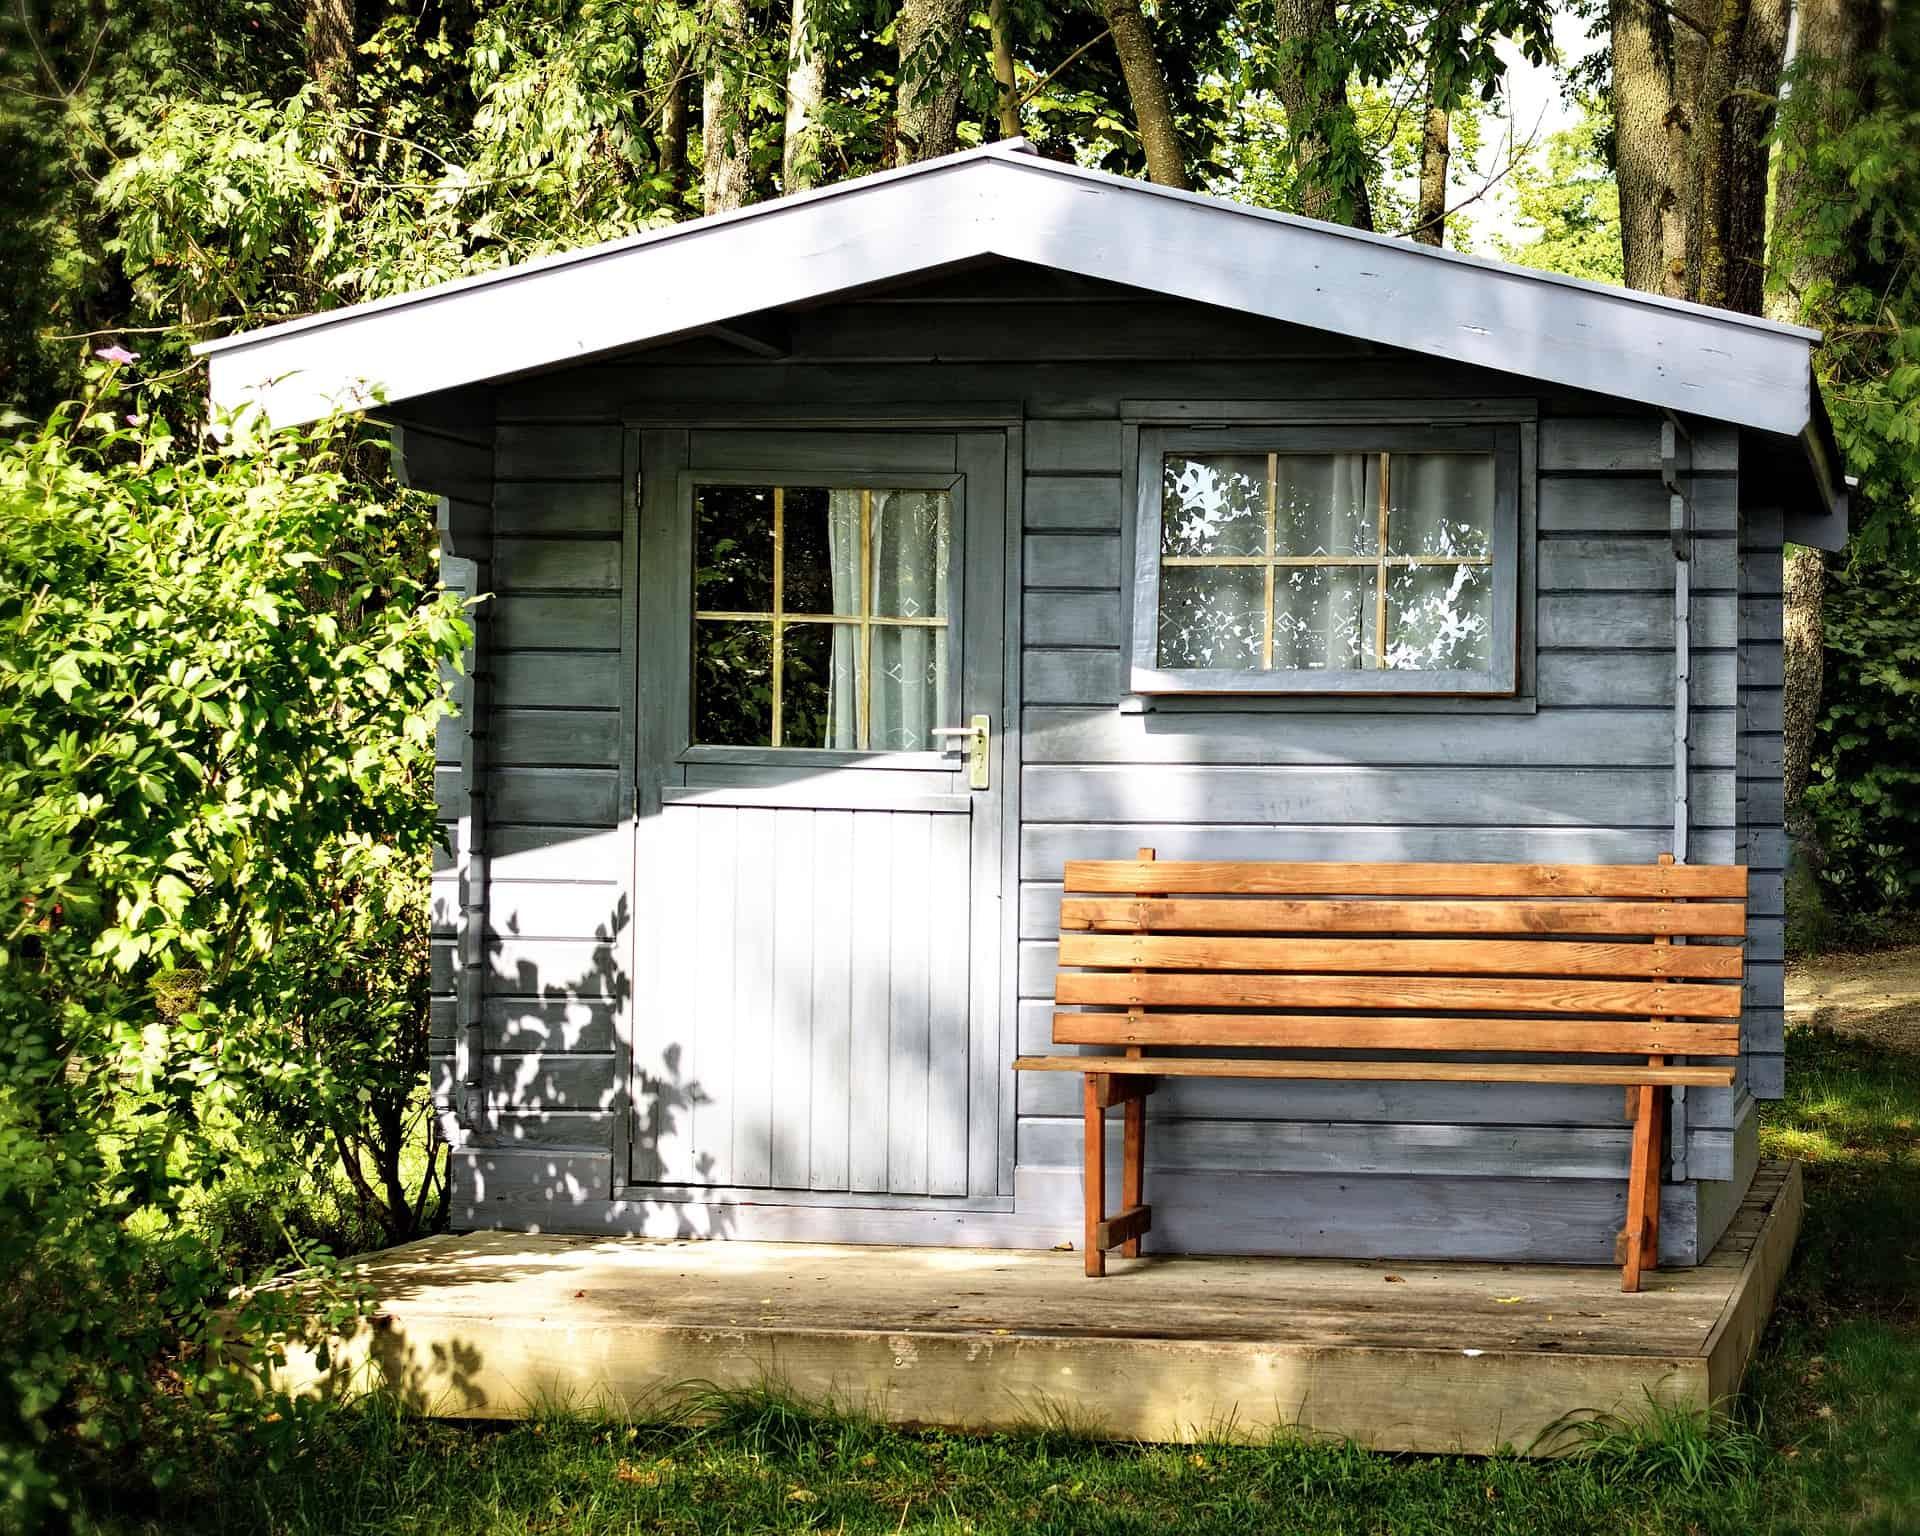 Gartenhaus: Test & Empfehlungen (08/20)